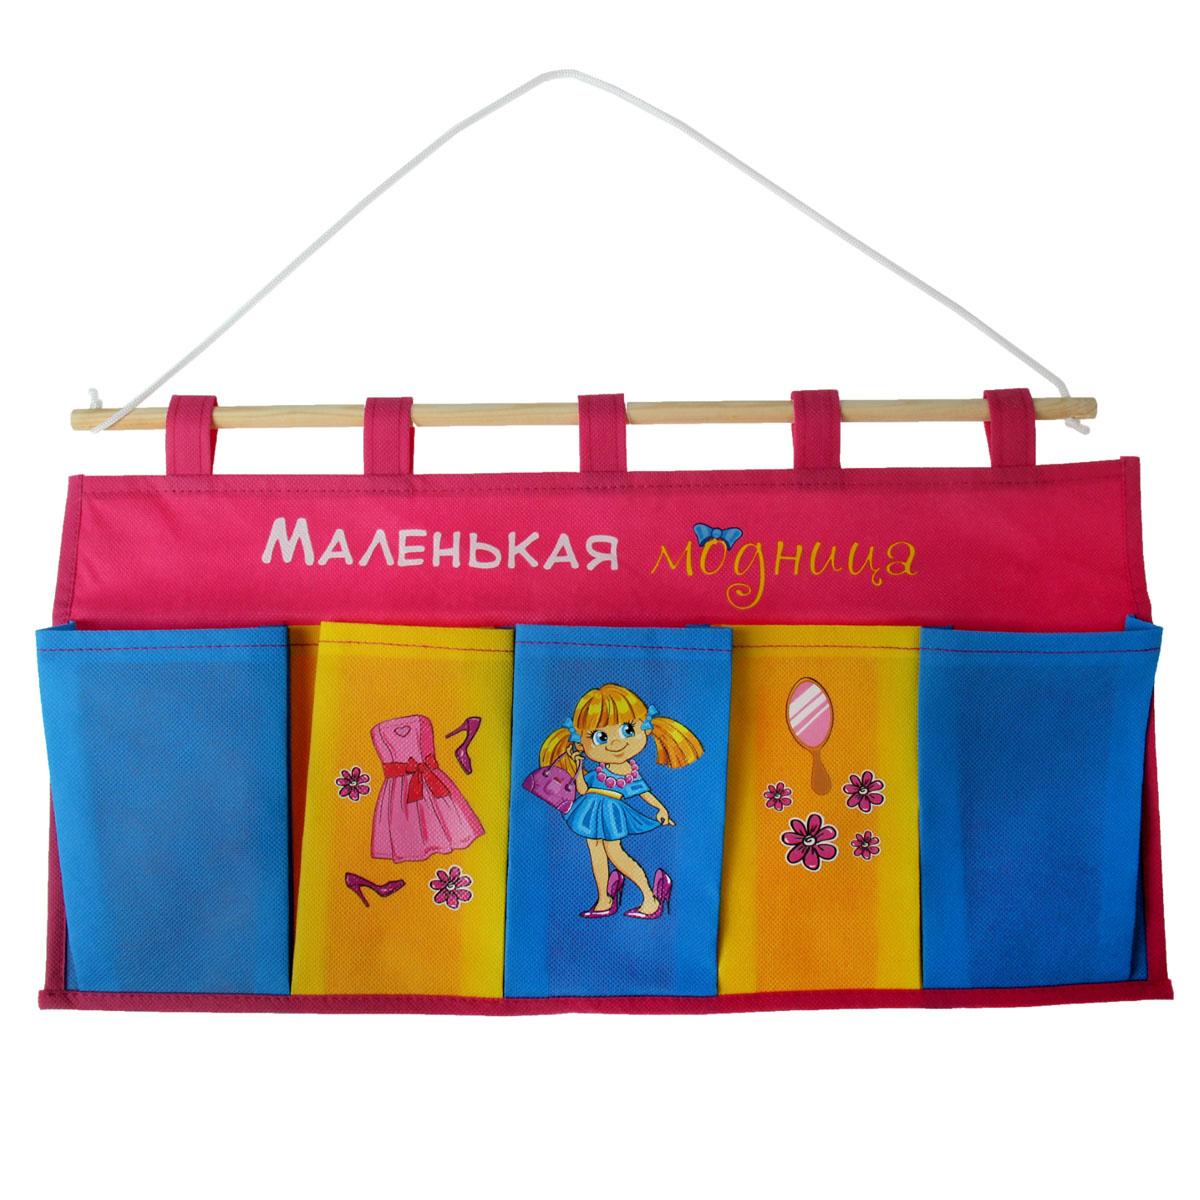 Кармашки на стену Sima-land Маленькая модница, цвет: бордовый, синий, желтый, 5 шт838302Кармашки на стену Sima-land «Маленькая модница», изготовленные из текстиля, предназначены для хранения необходимых вещей, множества мелочей в гардеробной, ванной, детской комнатах. Изделие представляет собой текстильное полотно с пятью пришитыми кармашками. Благодаря деревянной планке и шнурку, кармашки можно подвесить на стену или дверь в необходимом для вас месте. Кармашки декорированы изображениями девочки, платья, зеркальца и надписью «Маленькая модница».Этот нужный предмет может стать одновременно и декоративным элементом комнаты. Яркий дизайн, как ничто иное, способен оживить интерьер вашего дома.